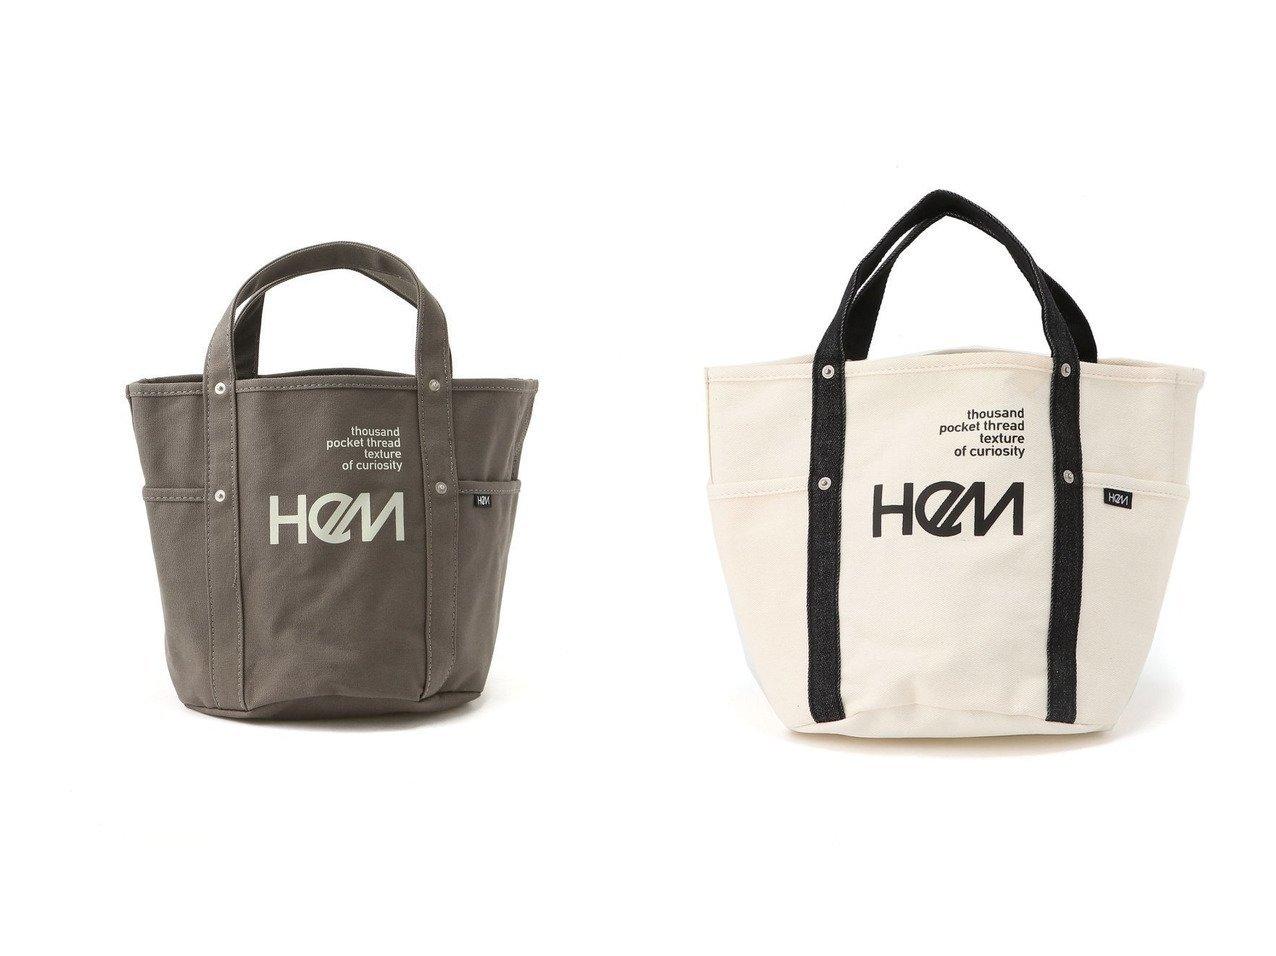 【HeM/ヘム】のアシェット S ST-247-01 バッグ・鞄のおすすめ!人気、トレンド・レディースファッションの通販 おすすめで人気の流行・トレンド、ファッションの通販商品 メンズファッション・キッズファッション・インテリア・家具・レディースファッション・服の通販 founy(ファニー) https://founy.com/ ファッション Fashion レディースファッション WOMEN バッグ Bag ポケット 人気 定番 Standard |ID:crp329100000022633